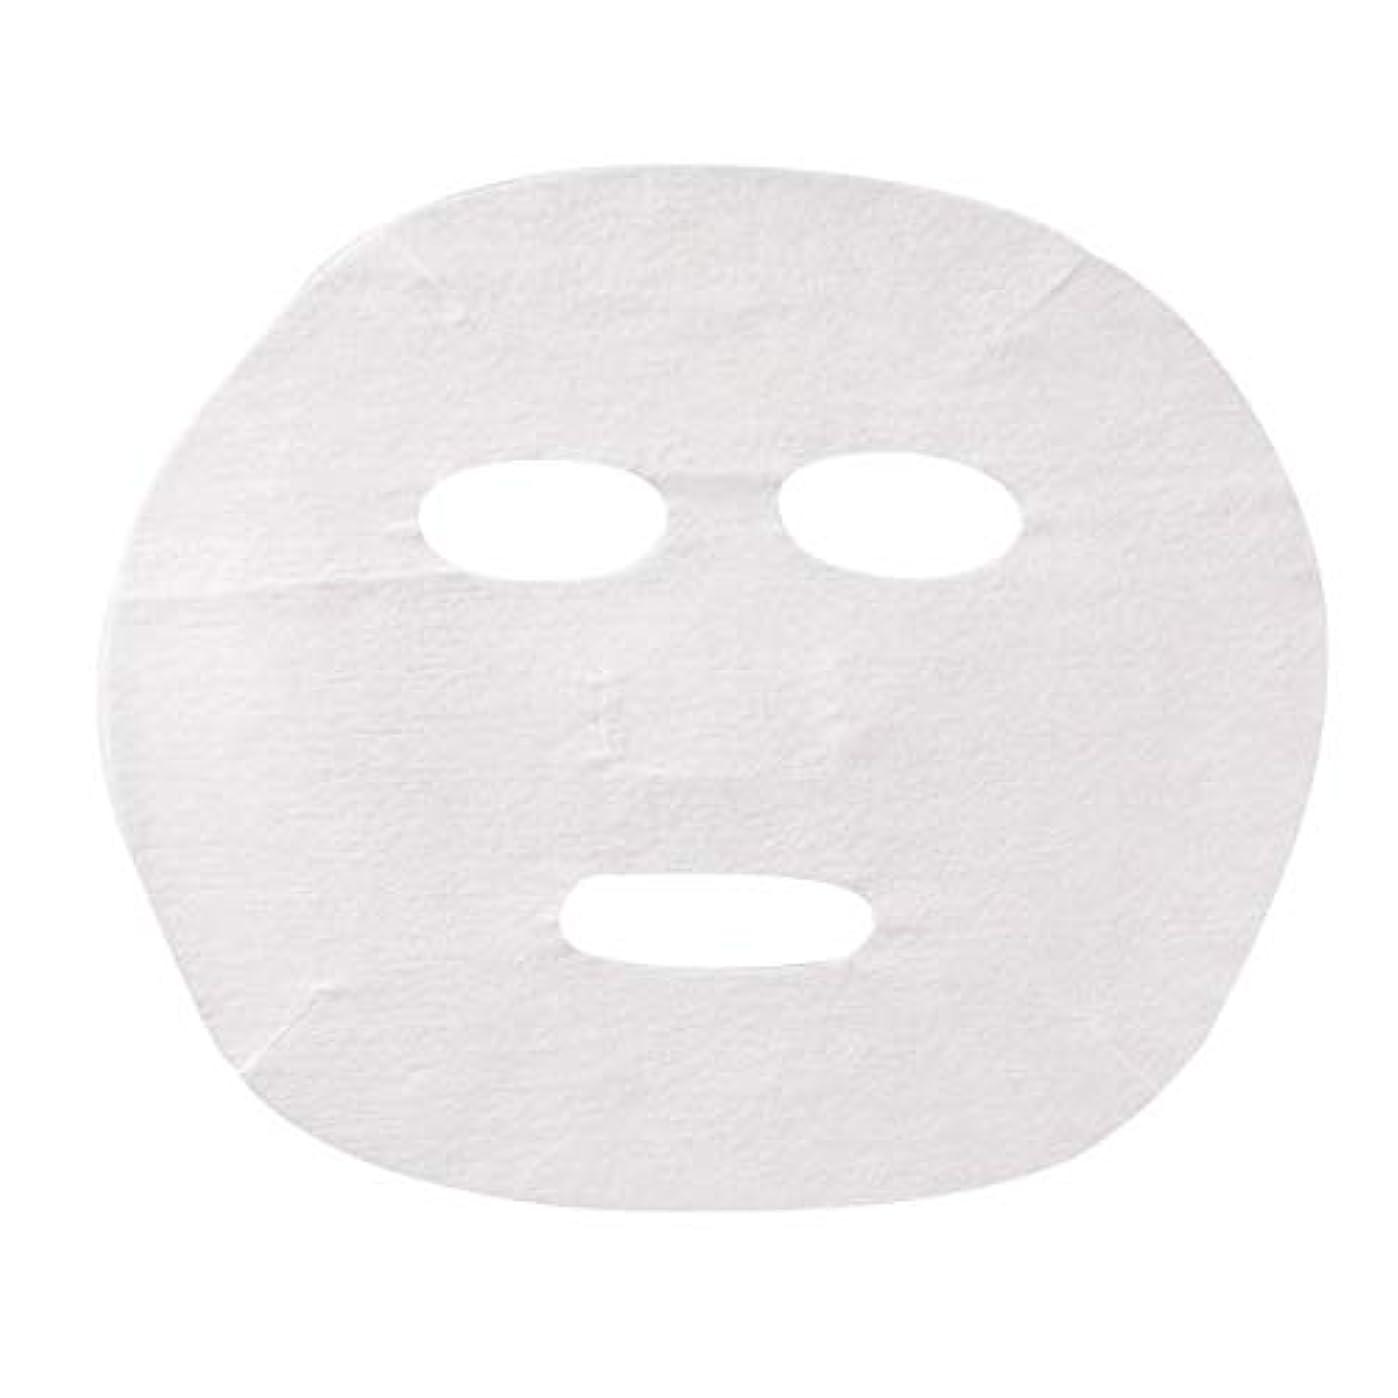 直感バイナリベースフェイシャルシート (薄手タイプ) 70枚入 22.5×18.5cm [ フェイスマスク フェイスシート フェイスパック フェイシャルマスク フェイシャルパック ローションマスク ローションパック フェイス パック マスク ]